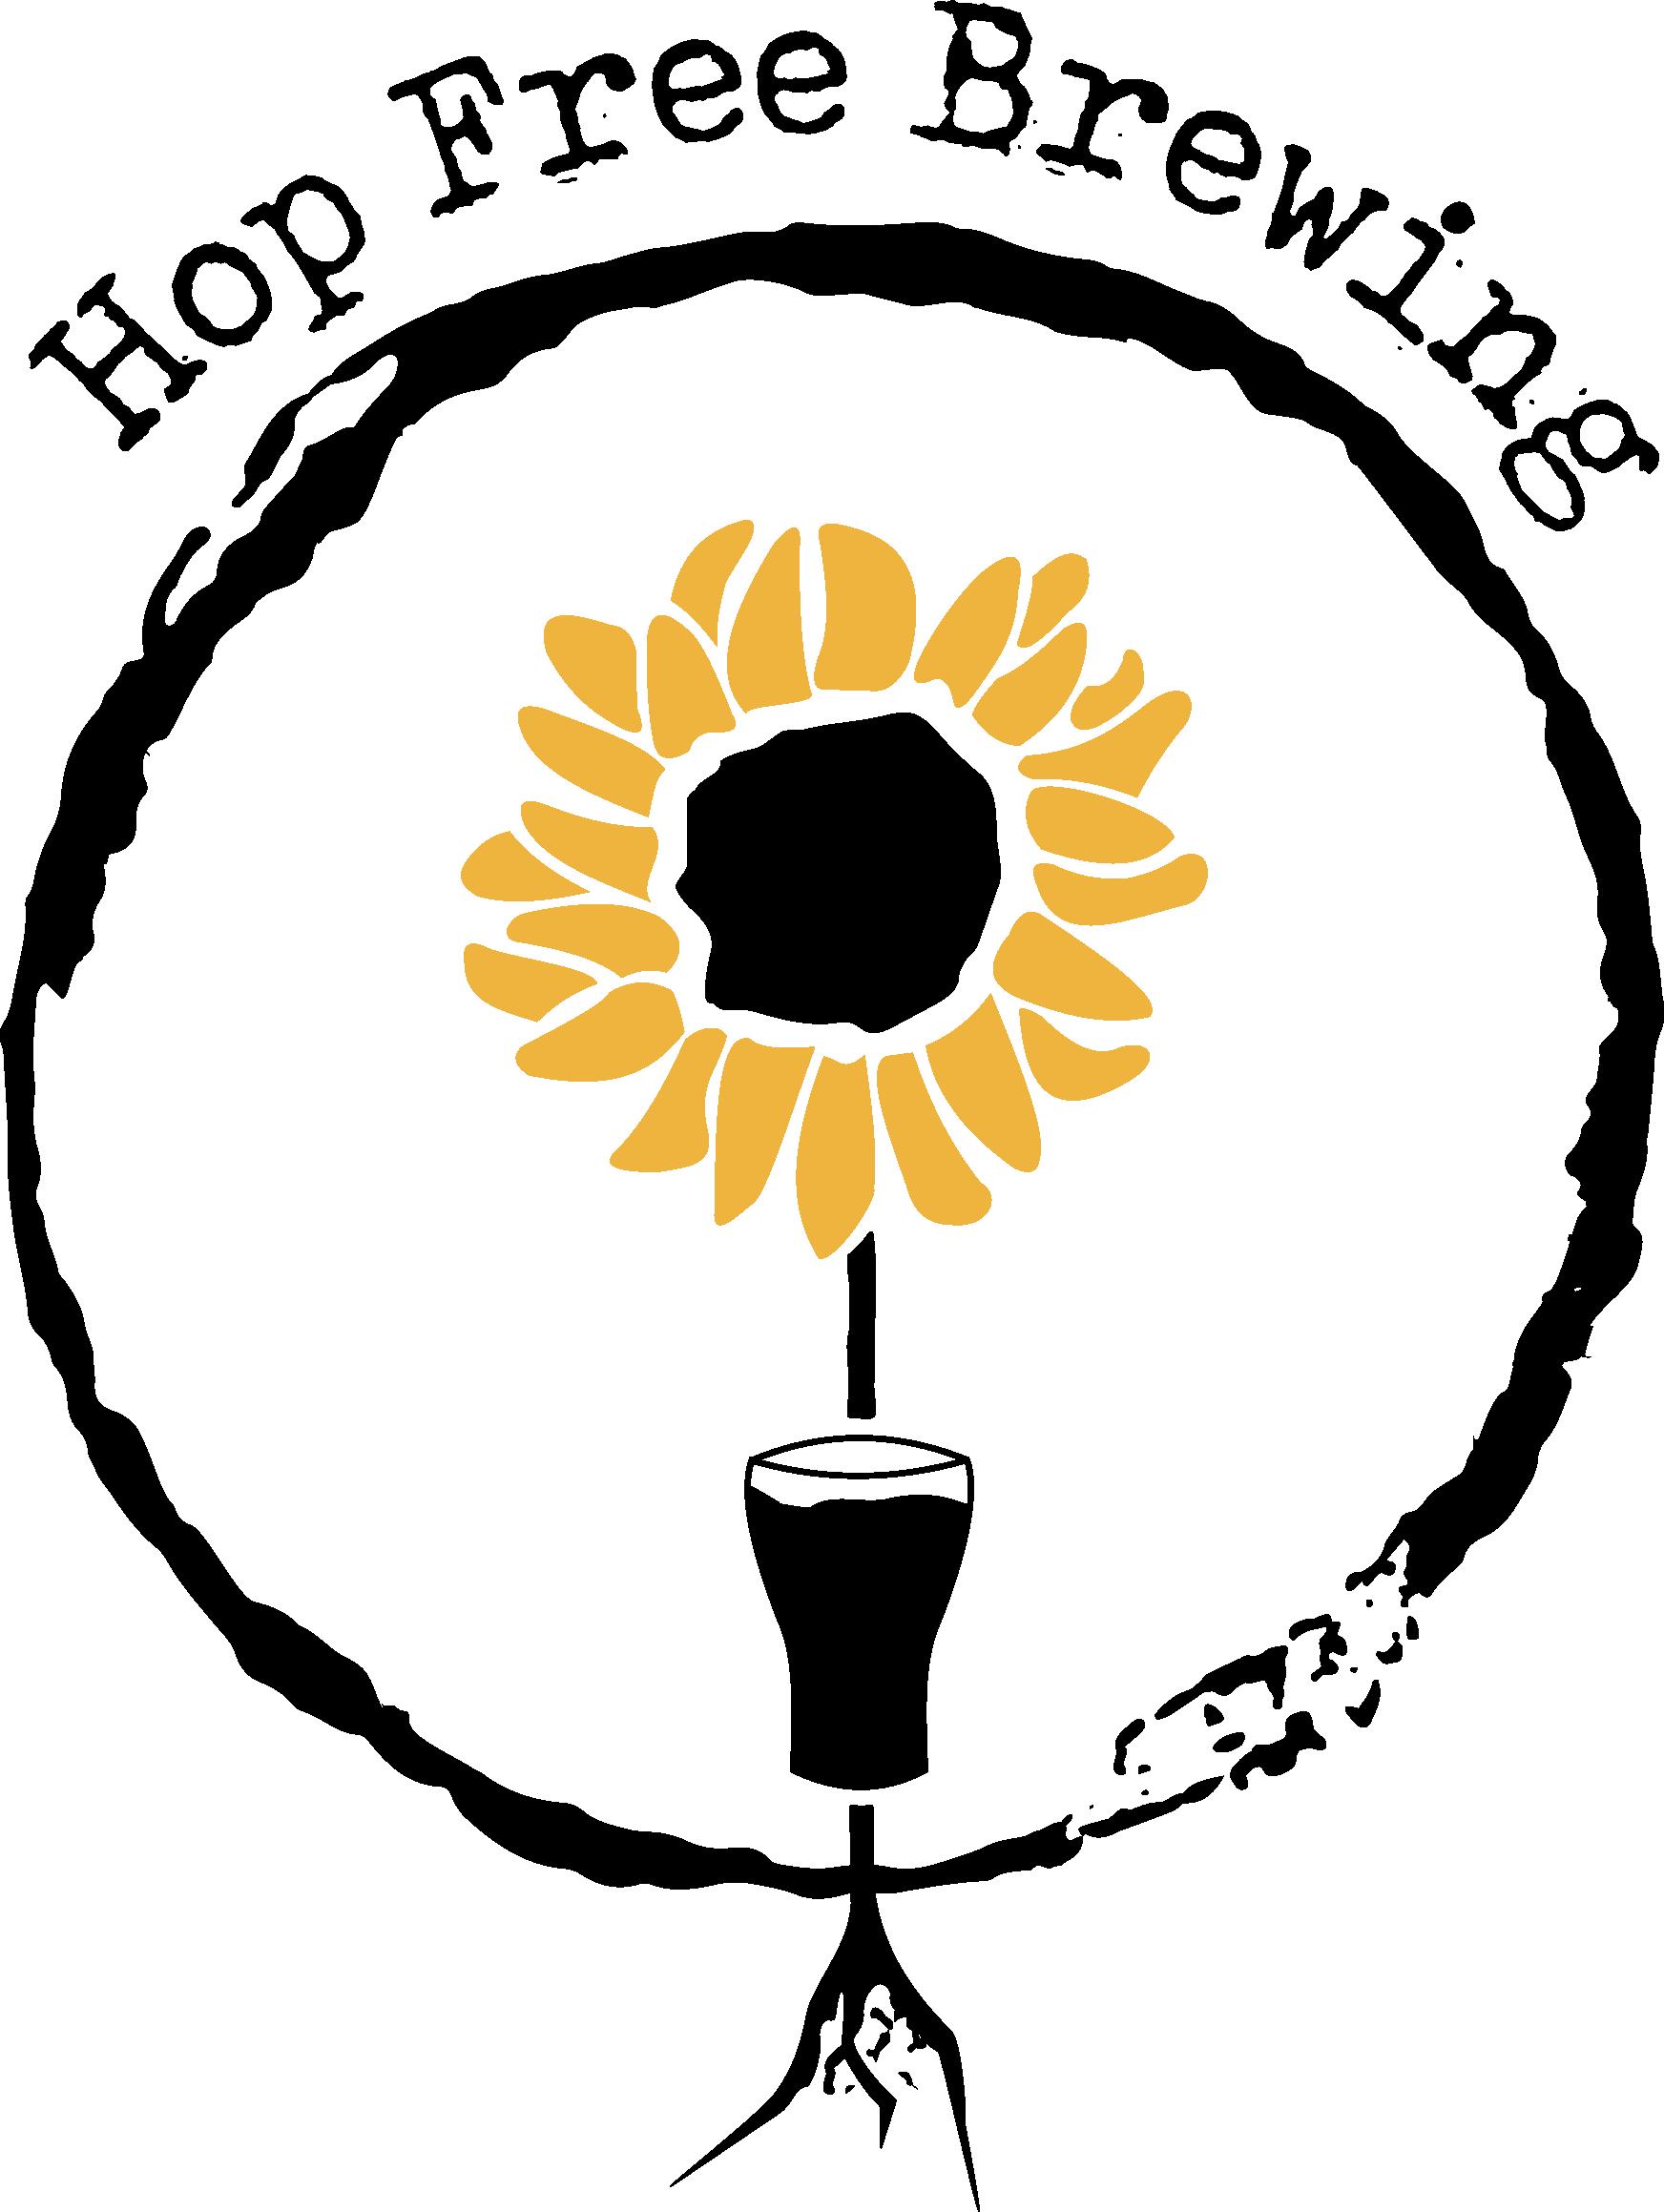 HopFreeBrewing_logolockup (1).png